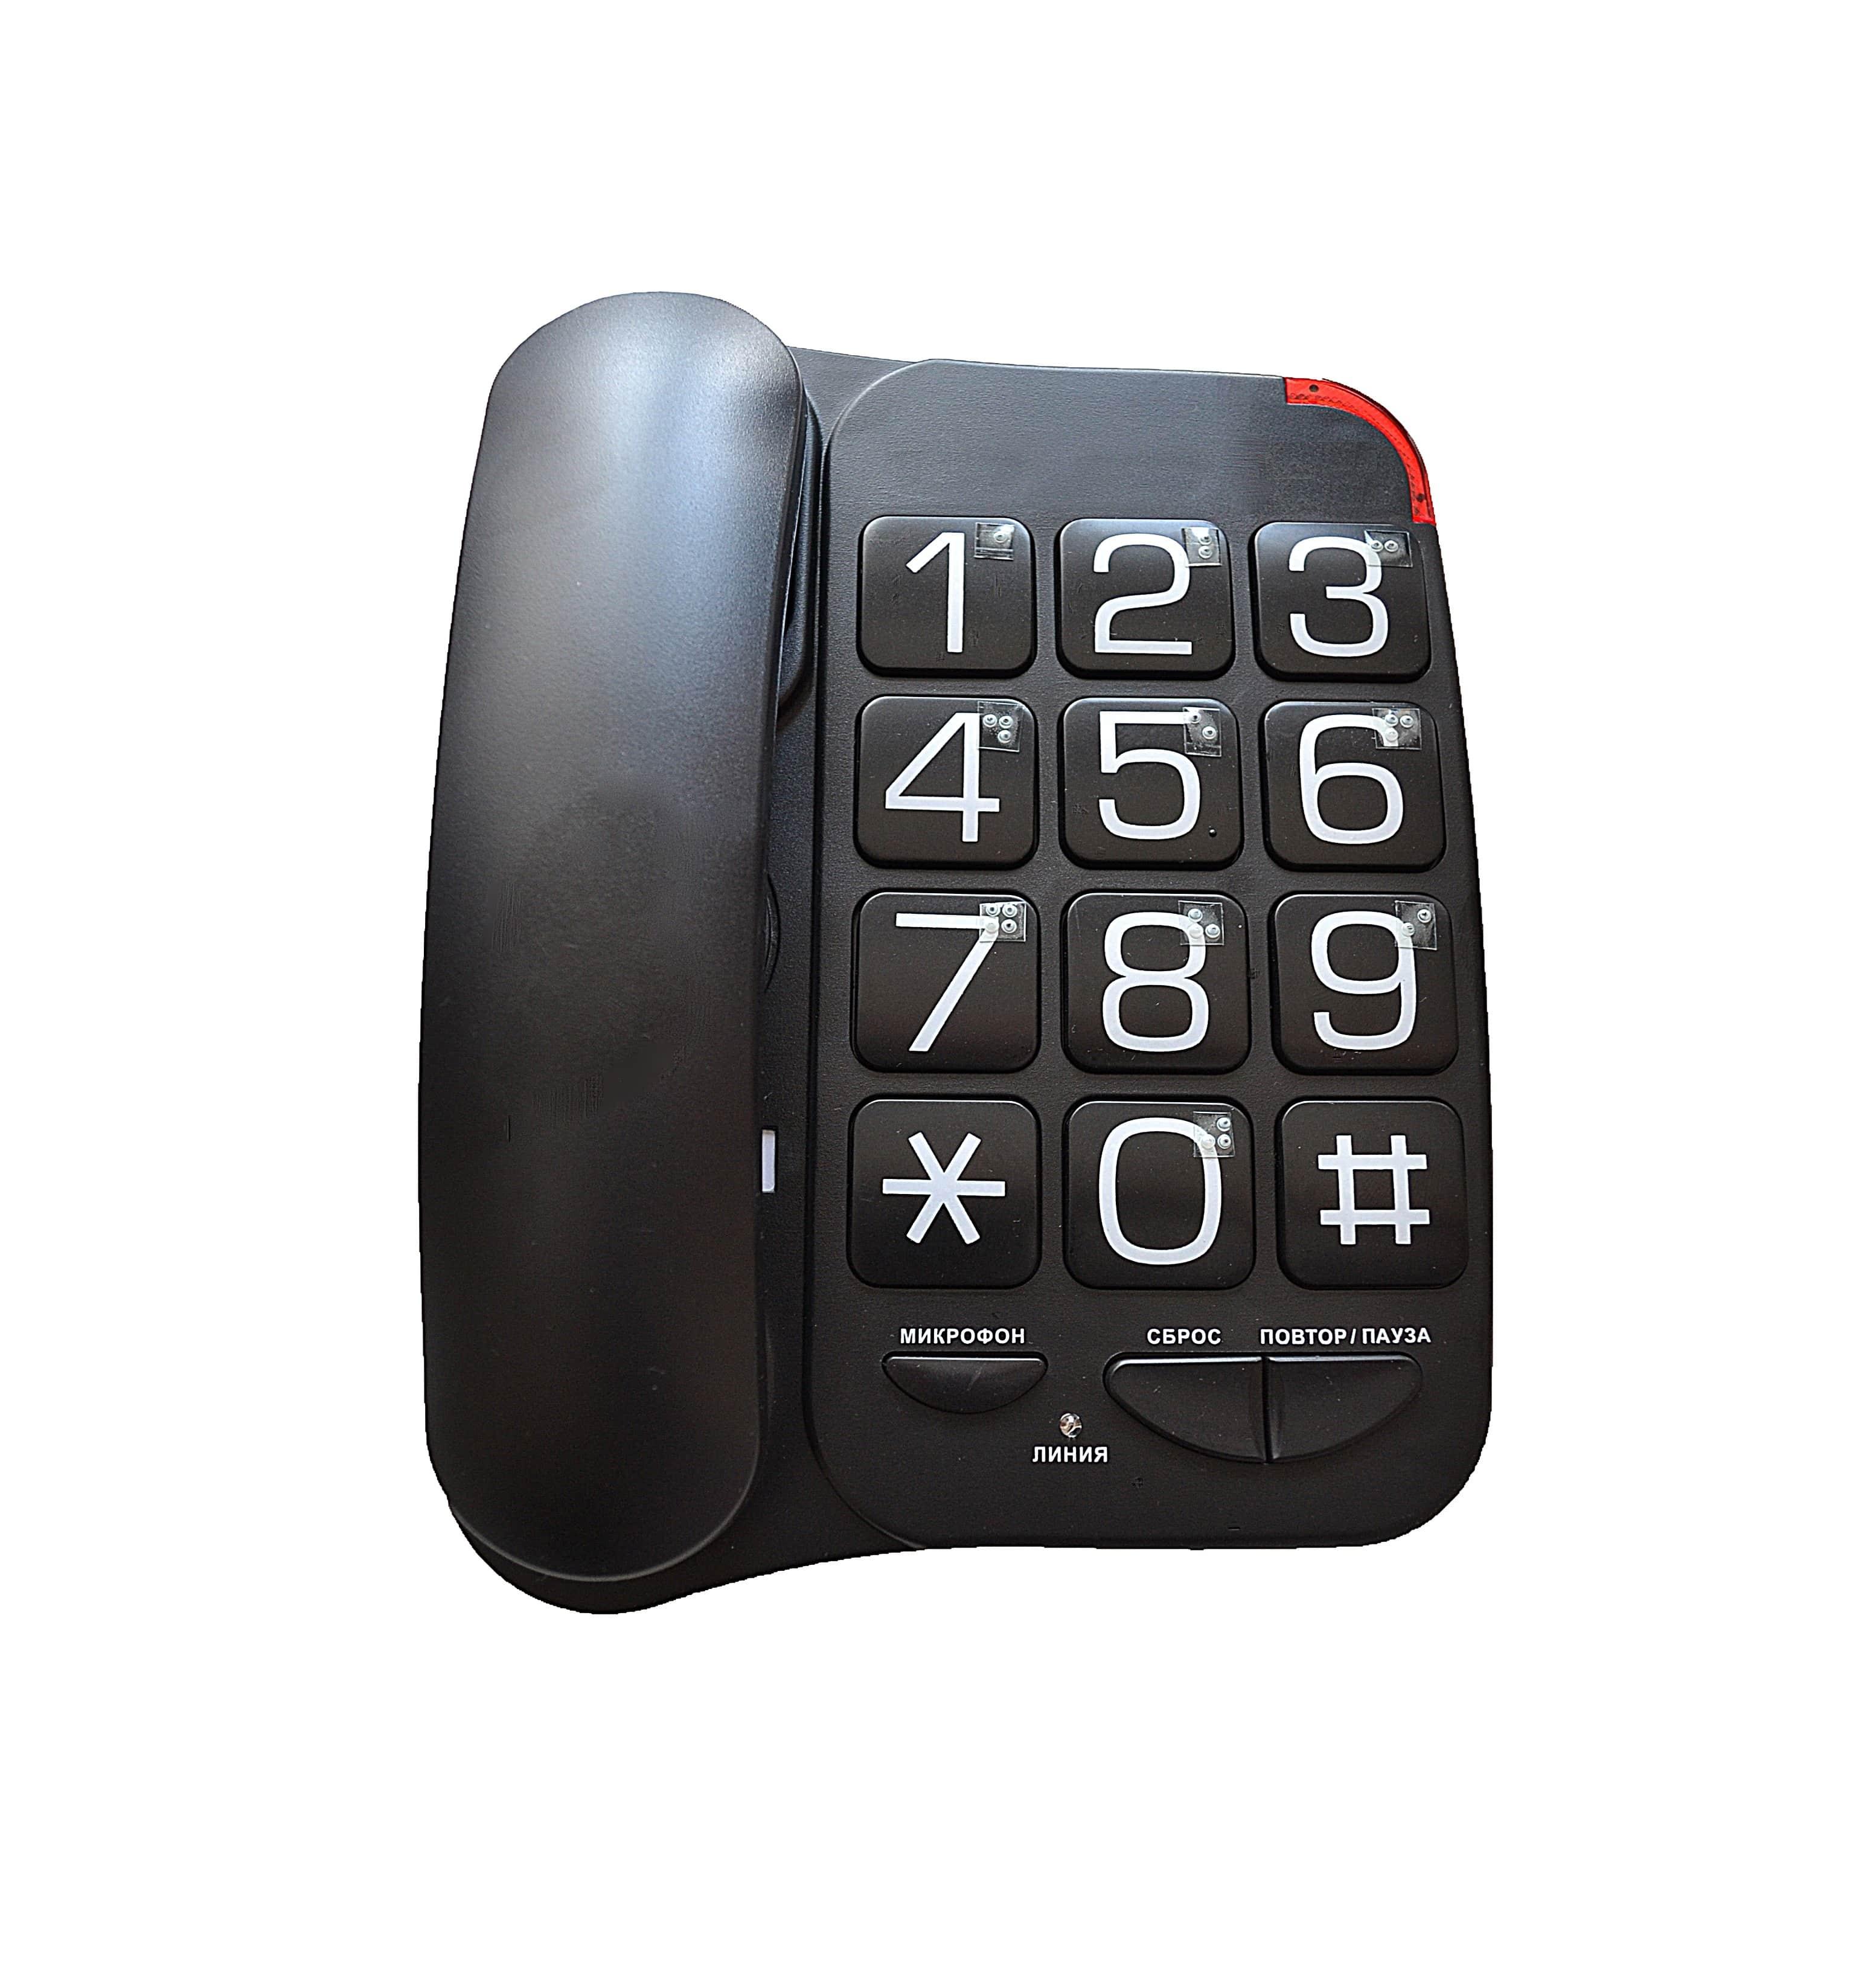 Телефон с крупными кнопками со шрифтом Брайля